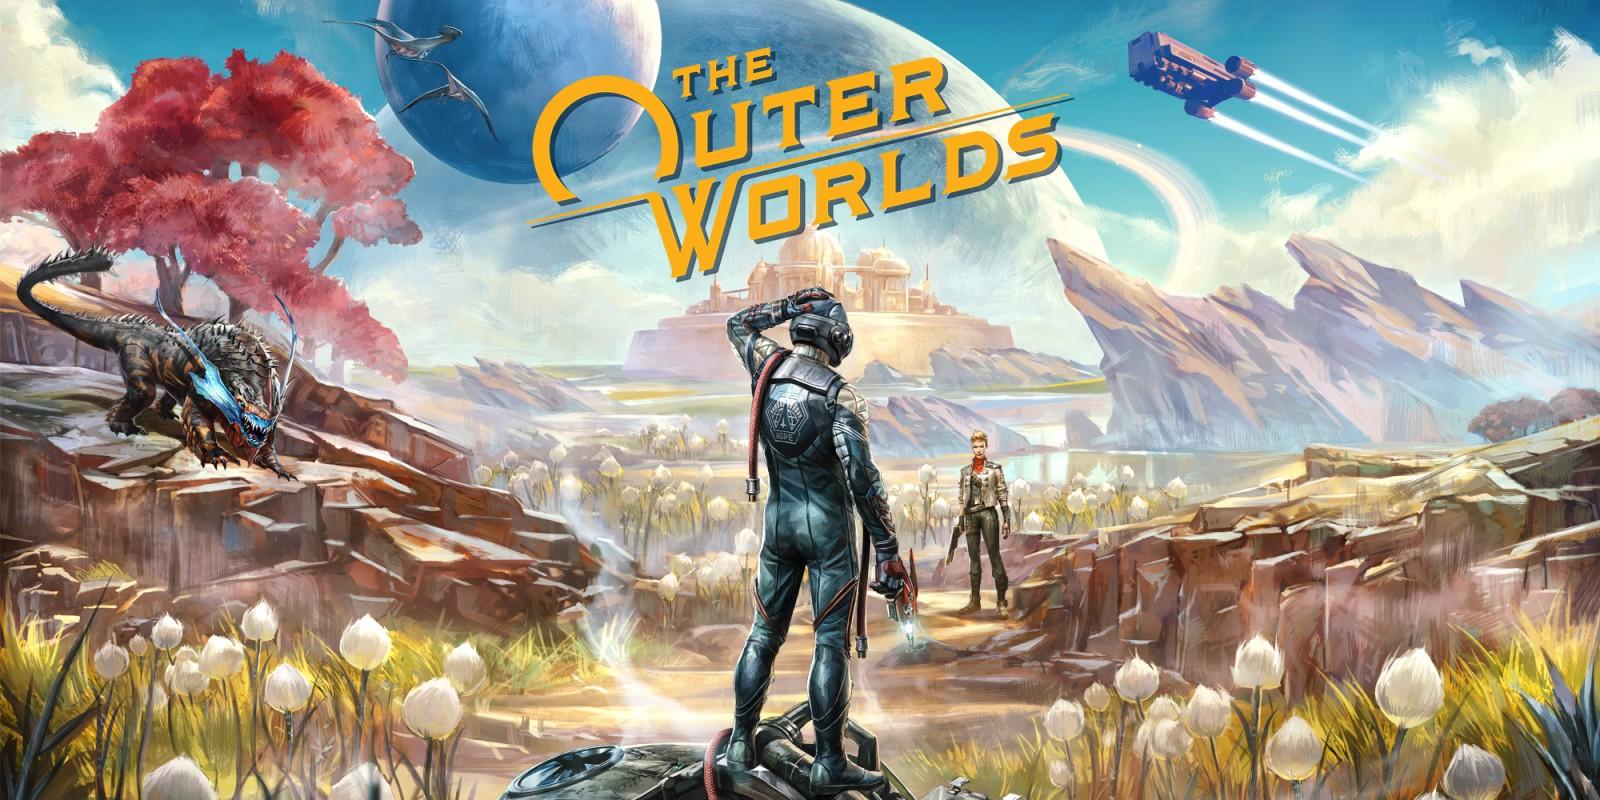 Trailer de lançamento para The Outer Worlds